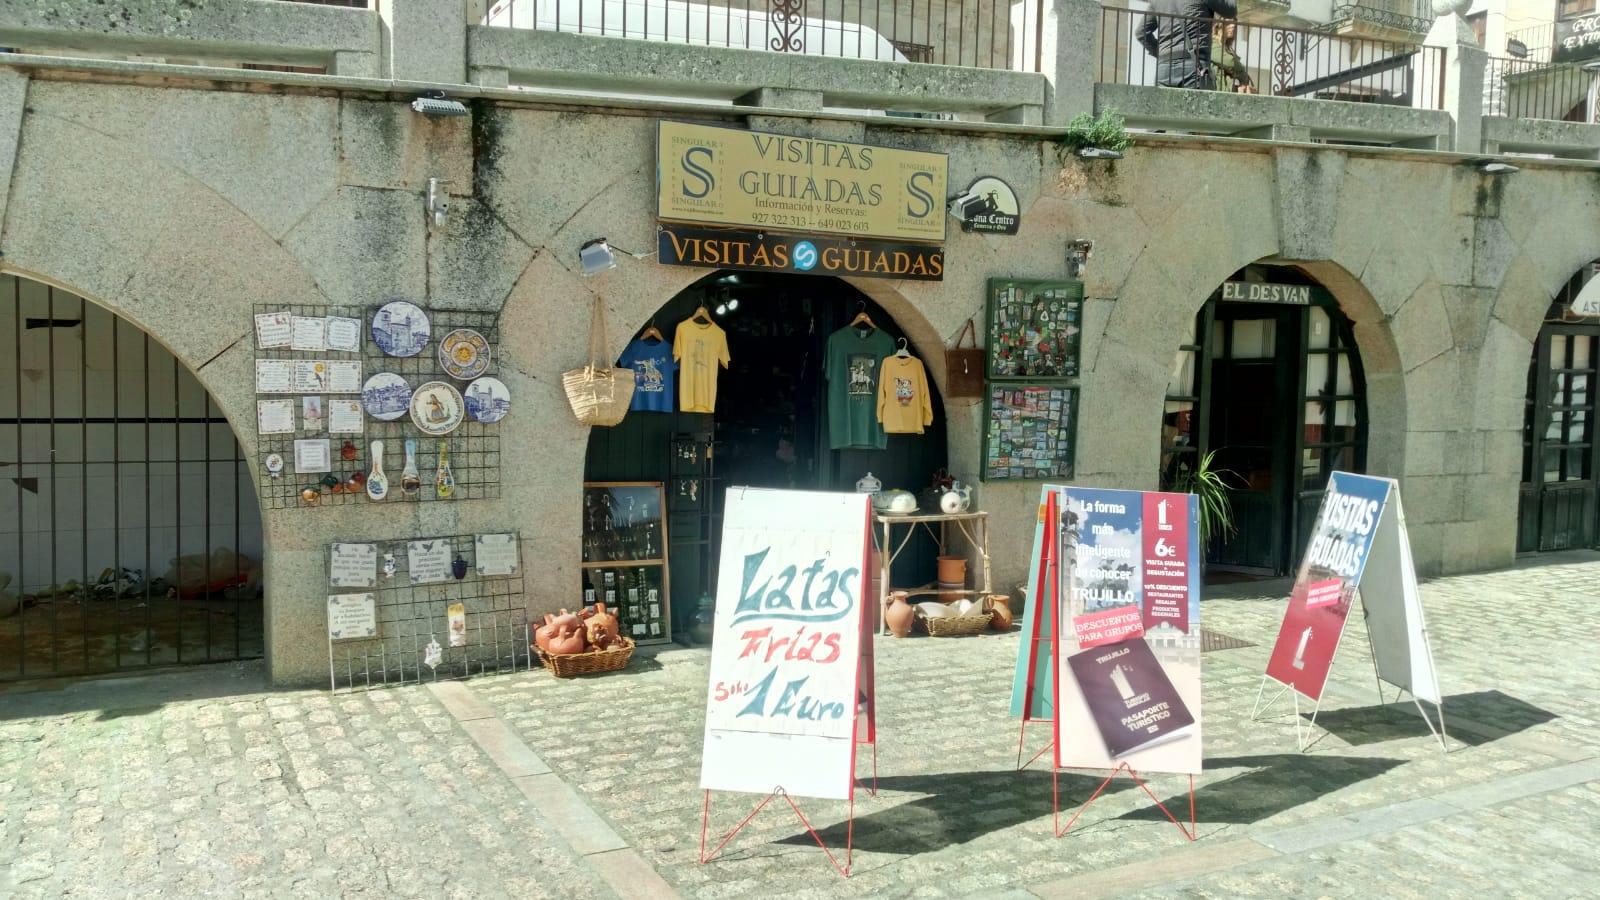 Guia turístico en Trujillo